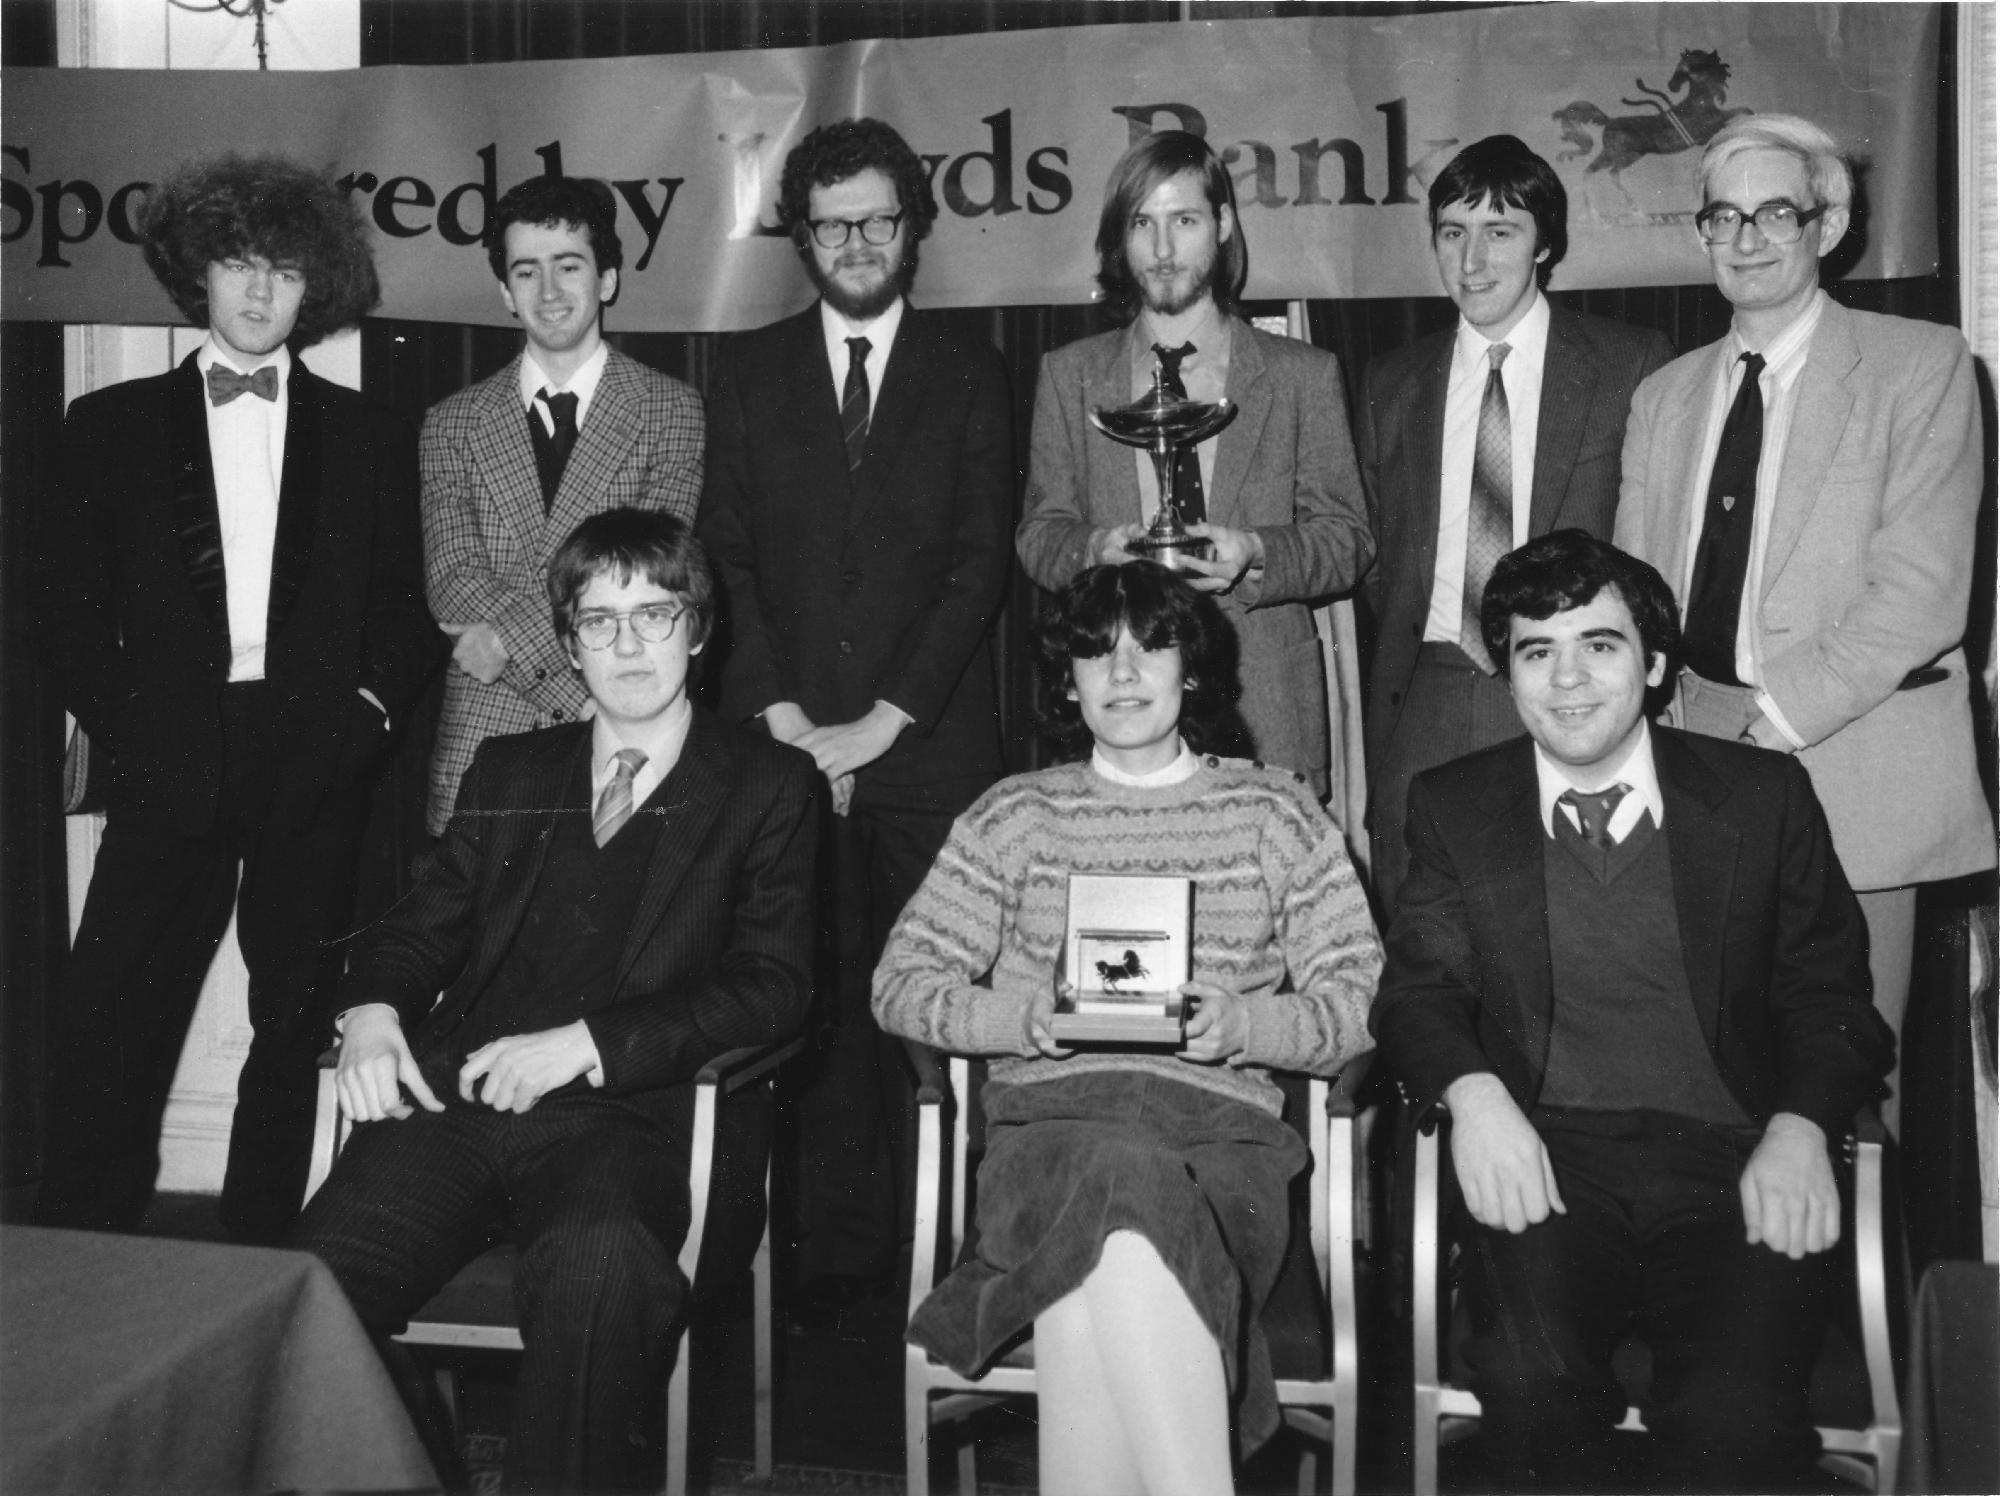 Erik Teichmann standing, holding trophy)